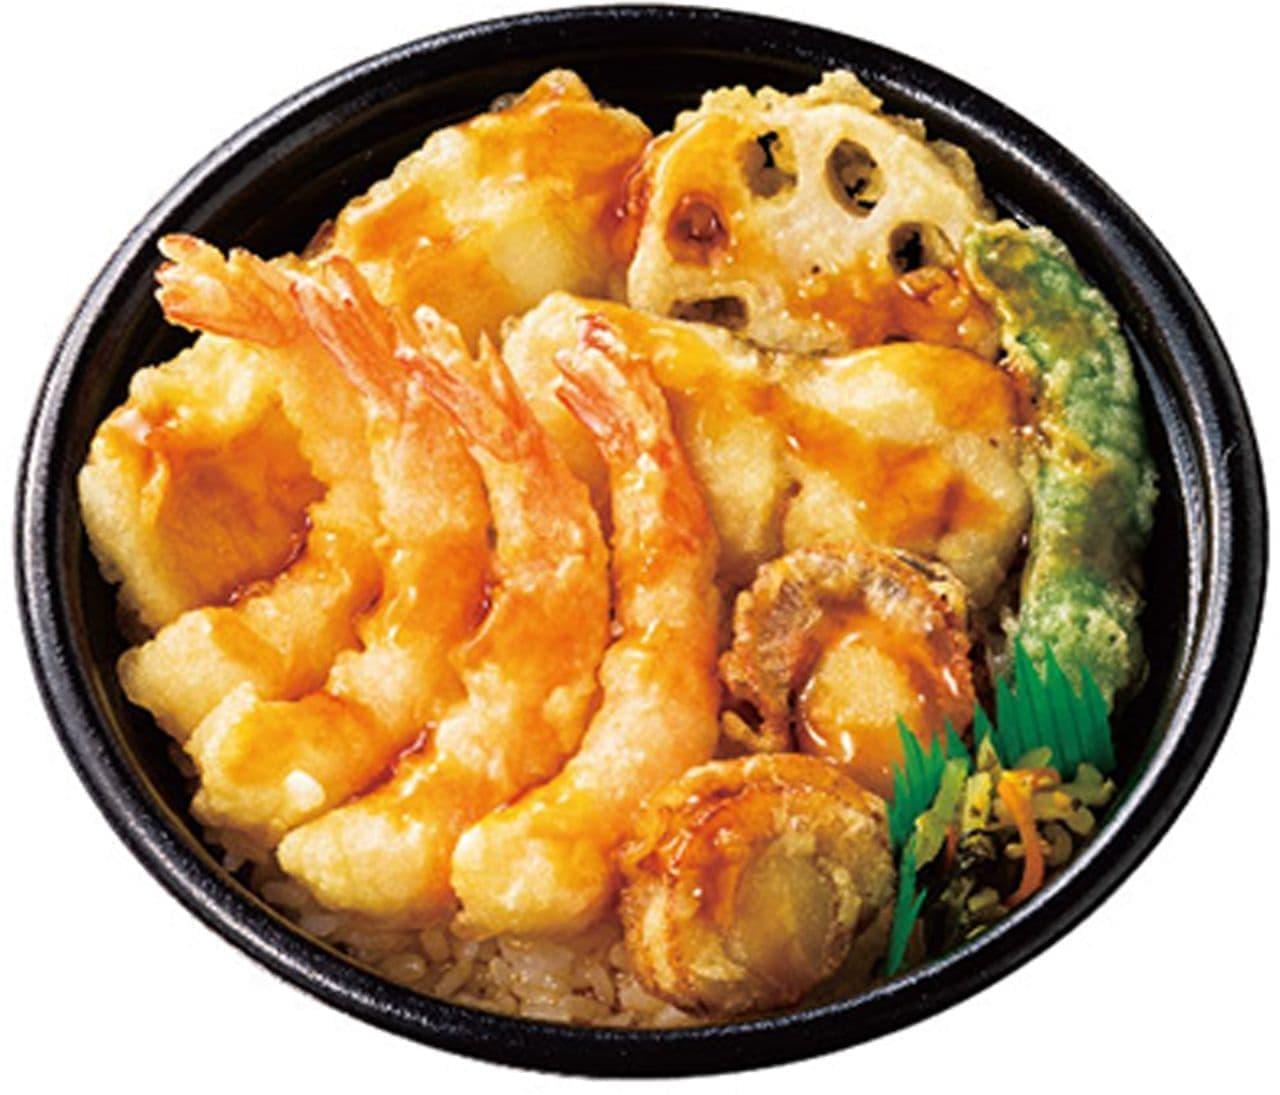 ほっともっと「上・海鮮天丼」